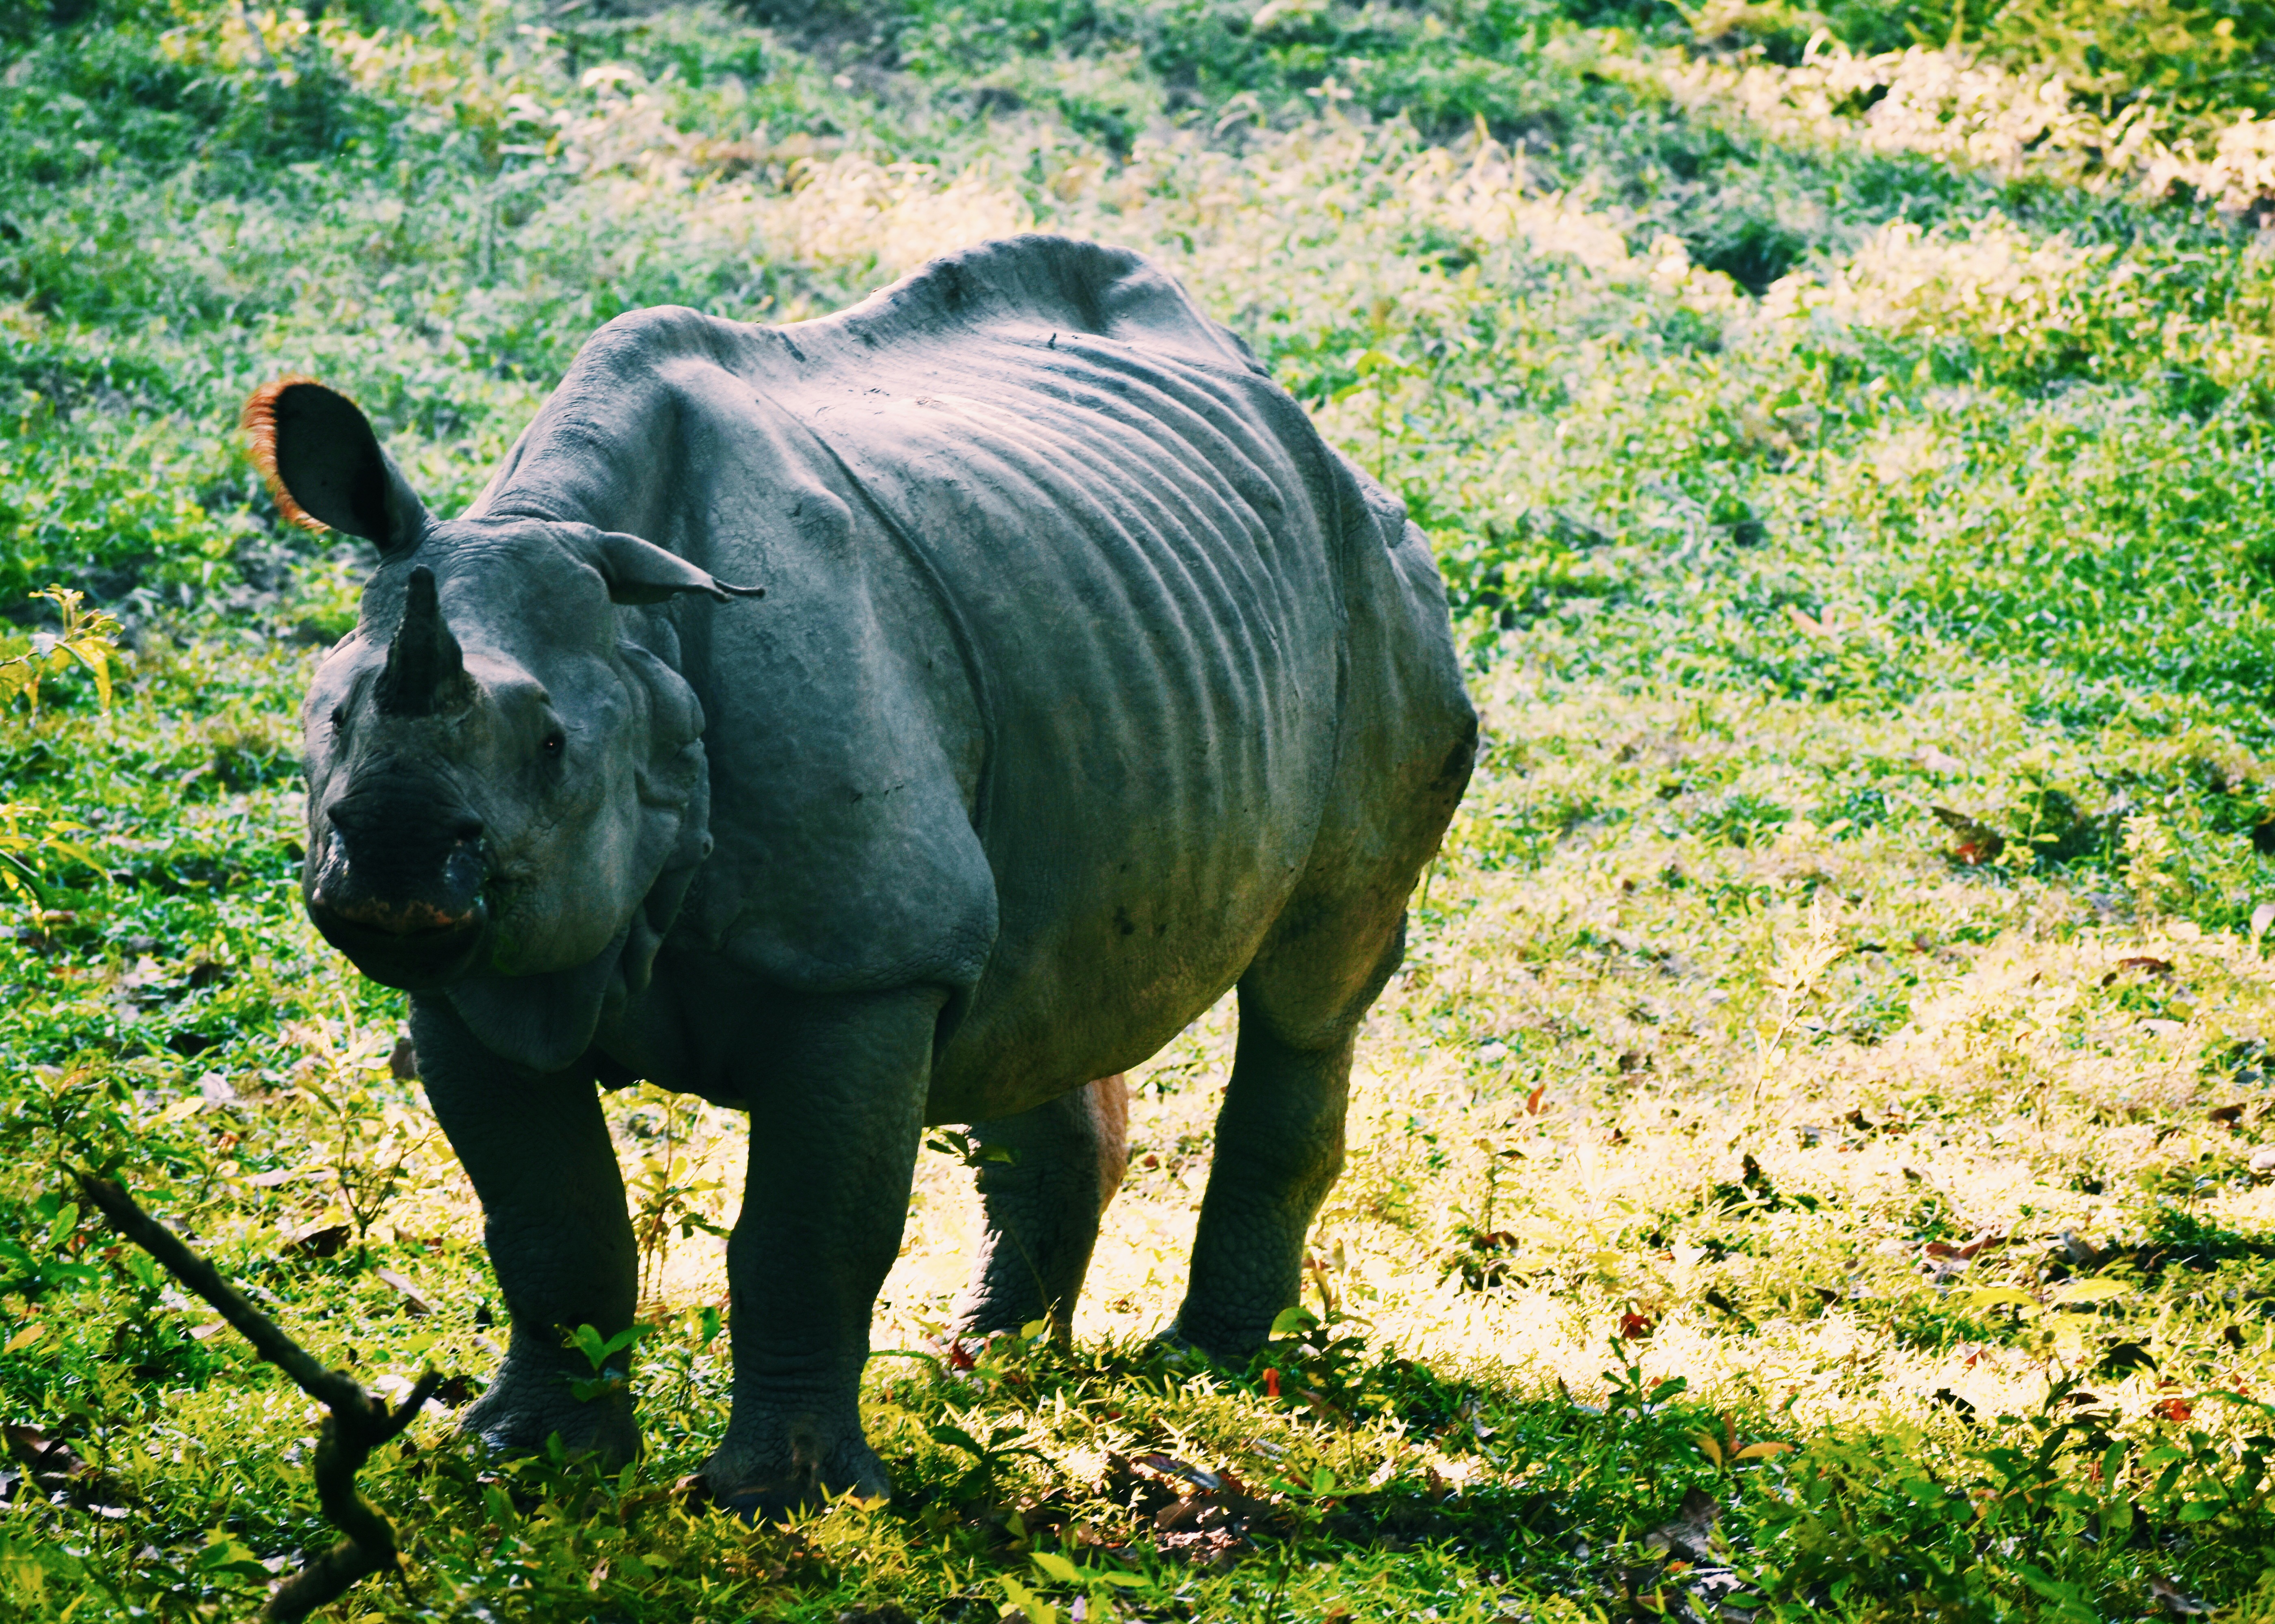 A friendly rhino